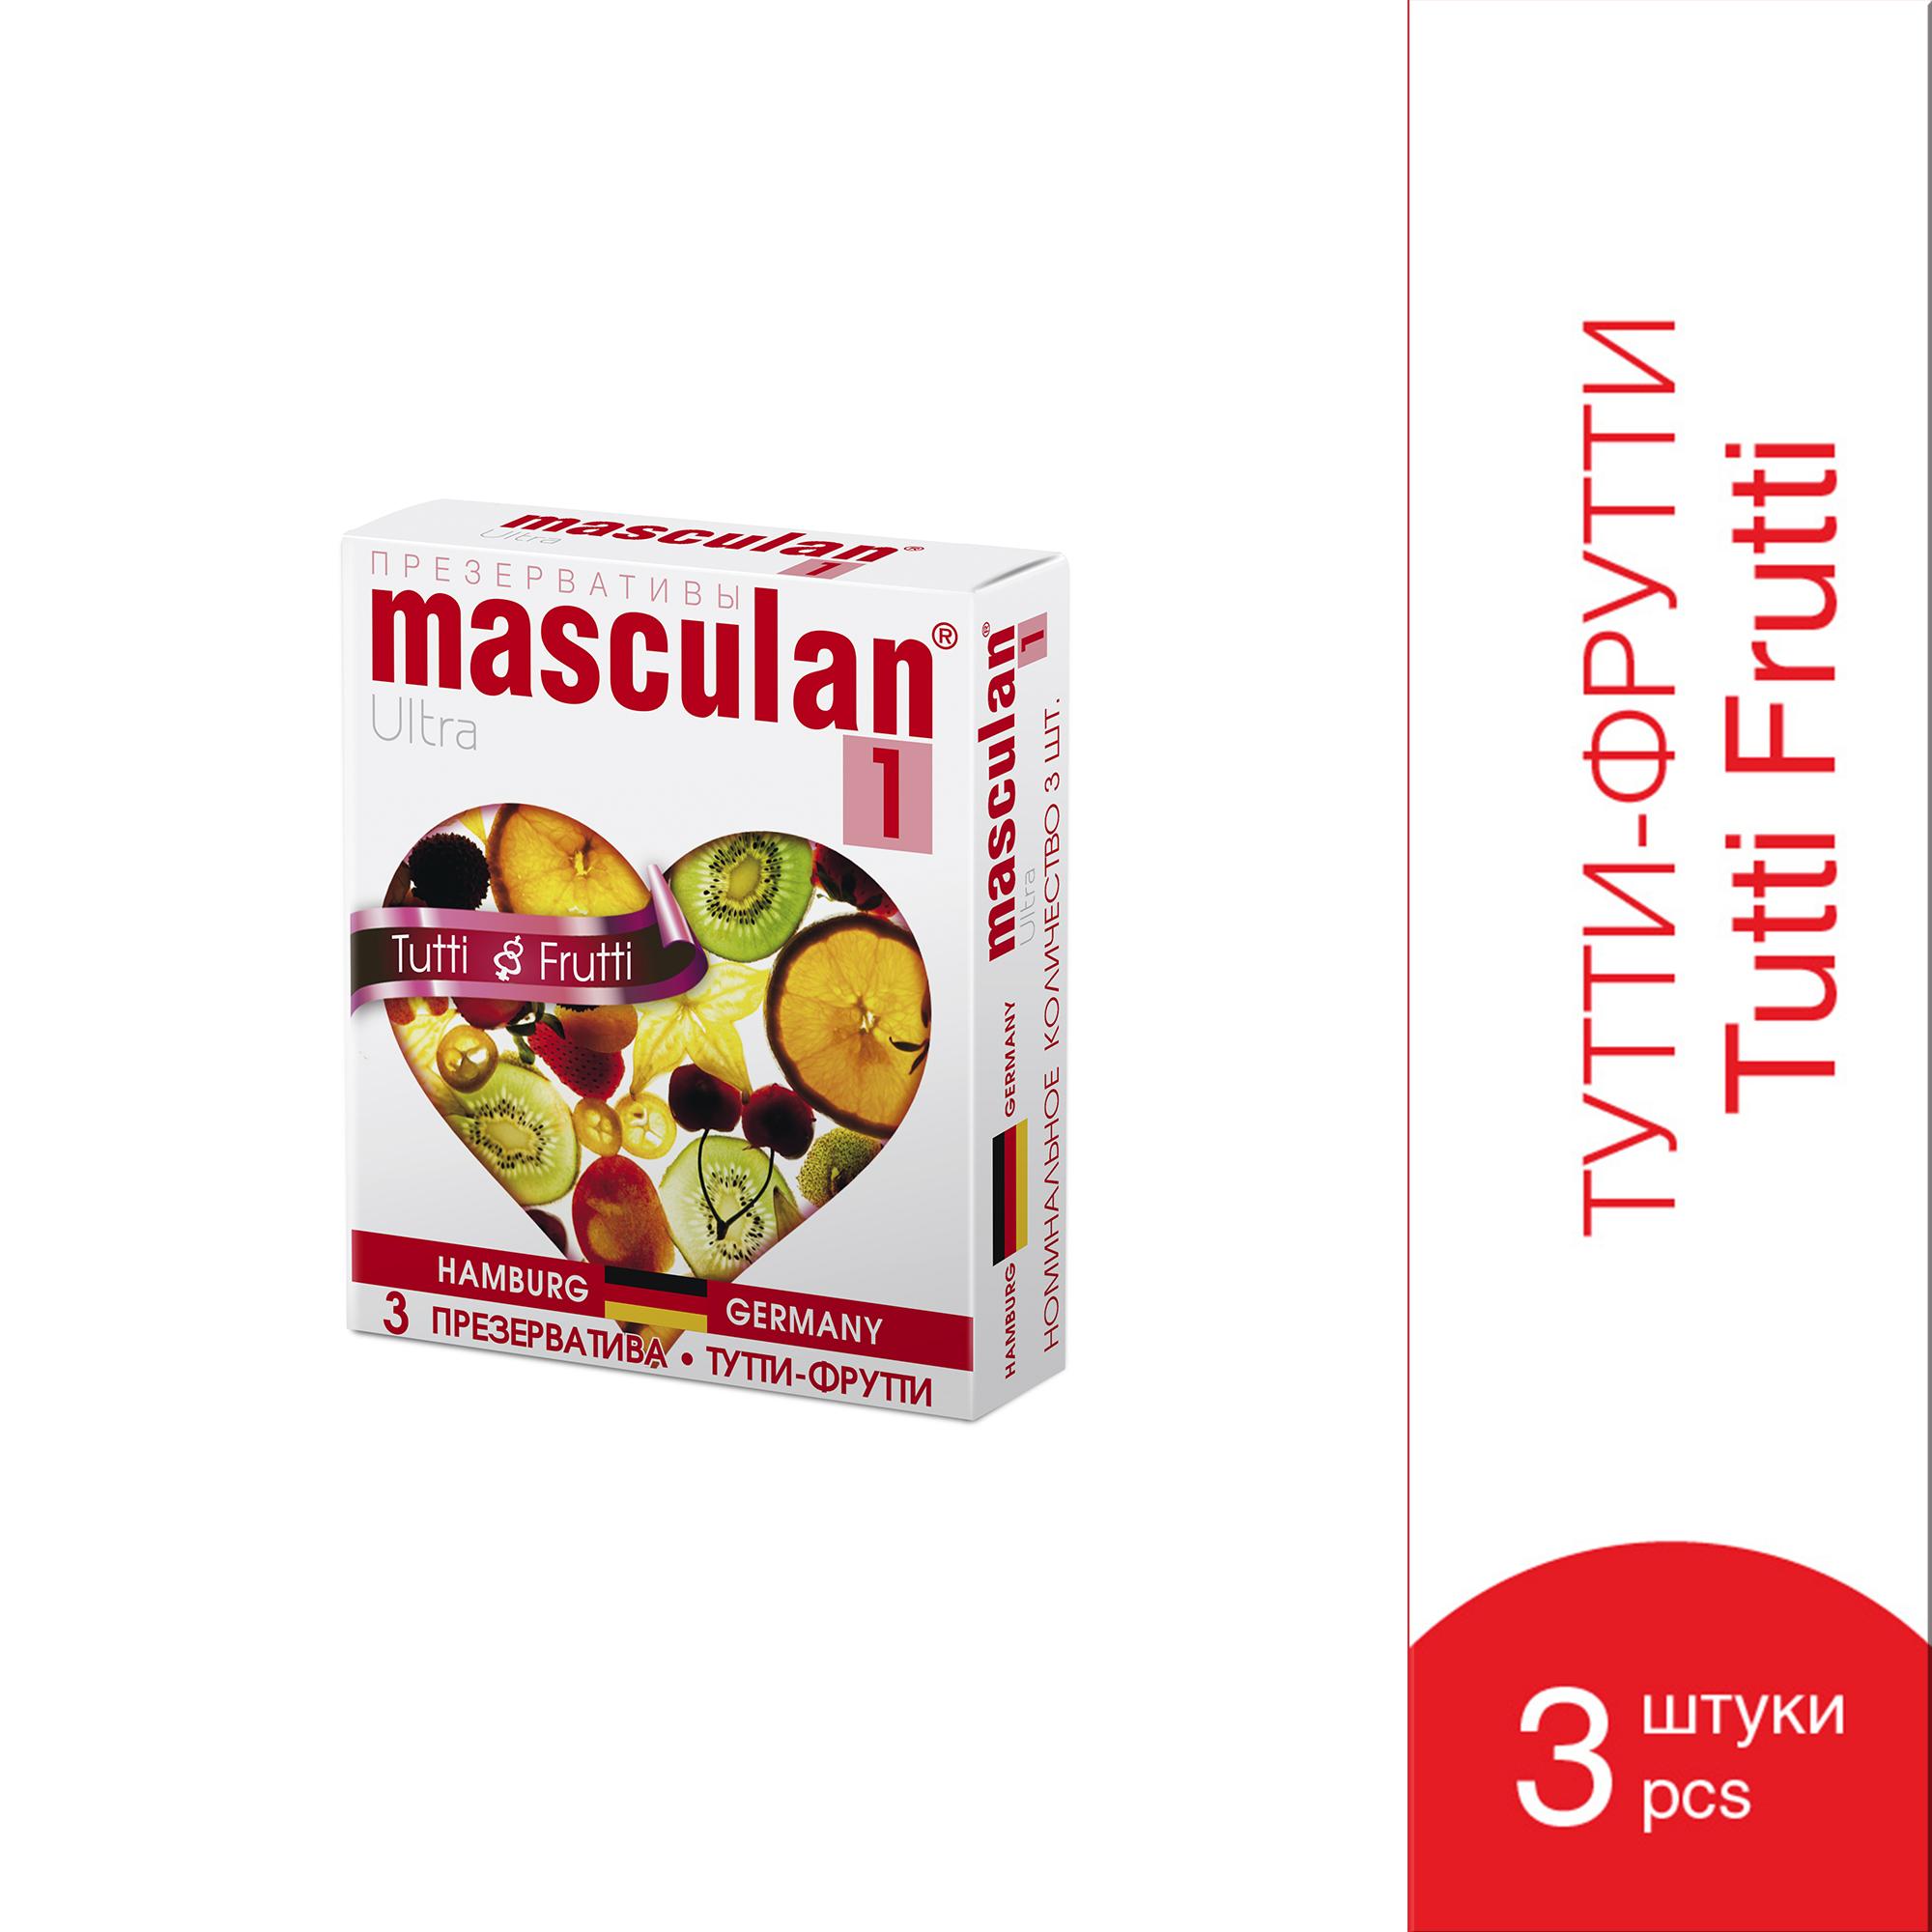 презервативы-маскулан-ультра-тип1-тутти-фрутти-3шт